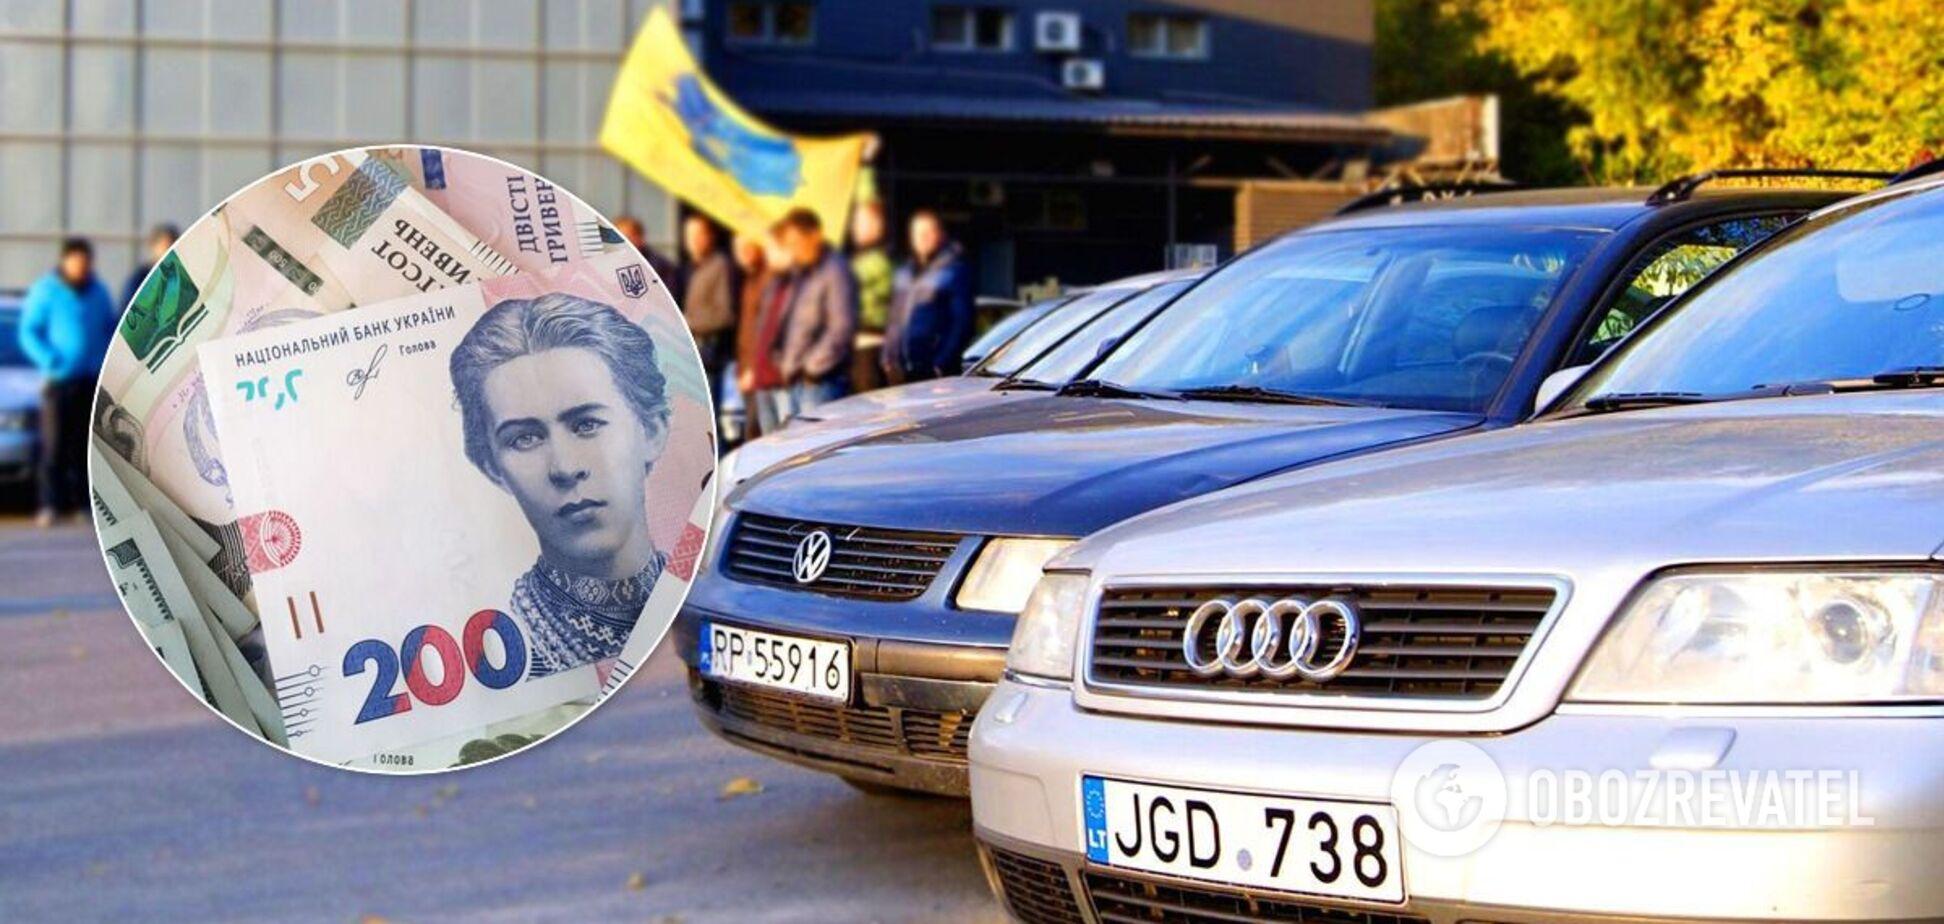 Єврономери в Україні